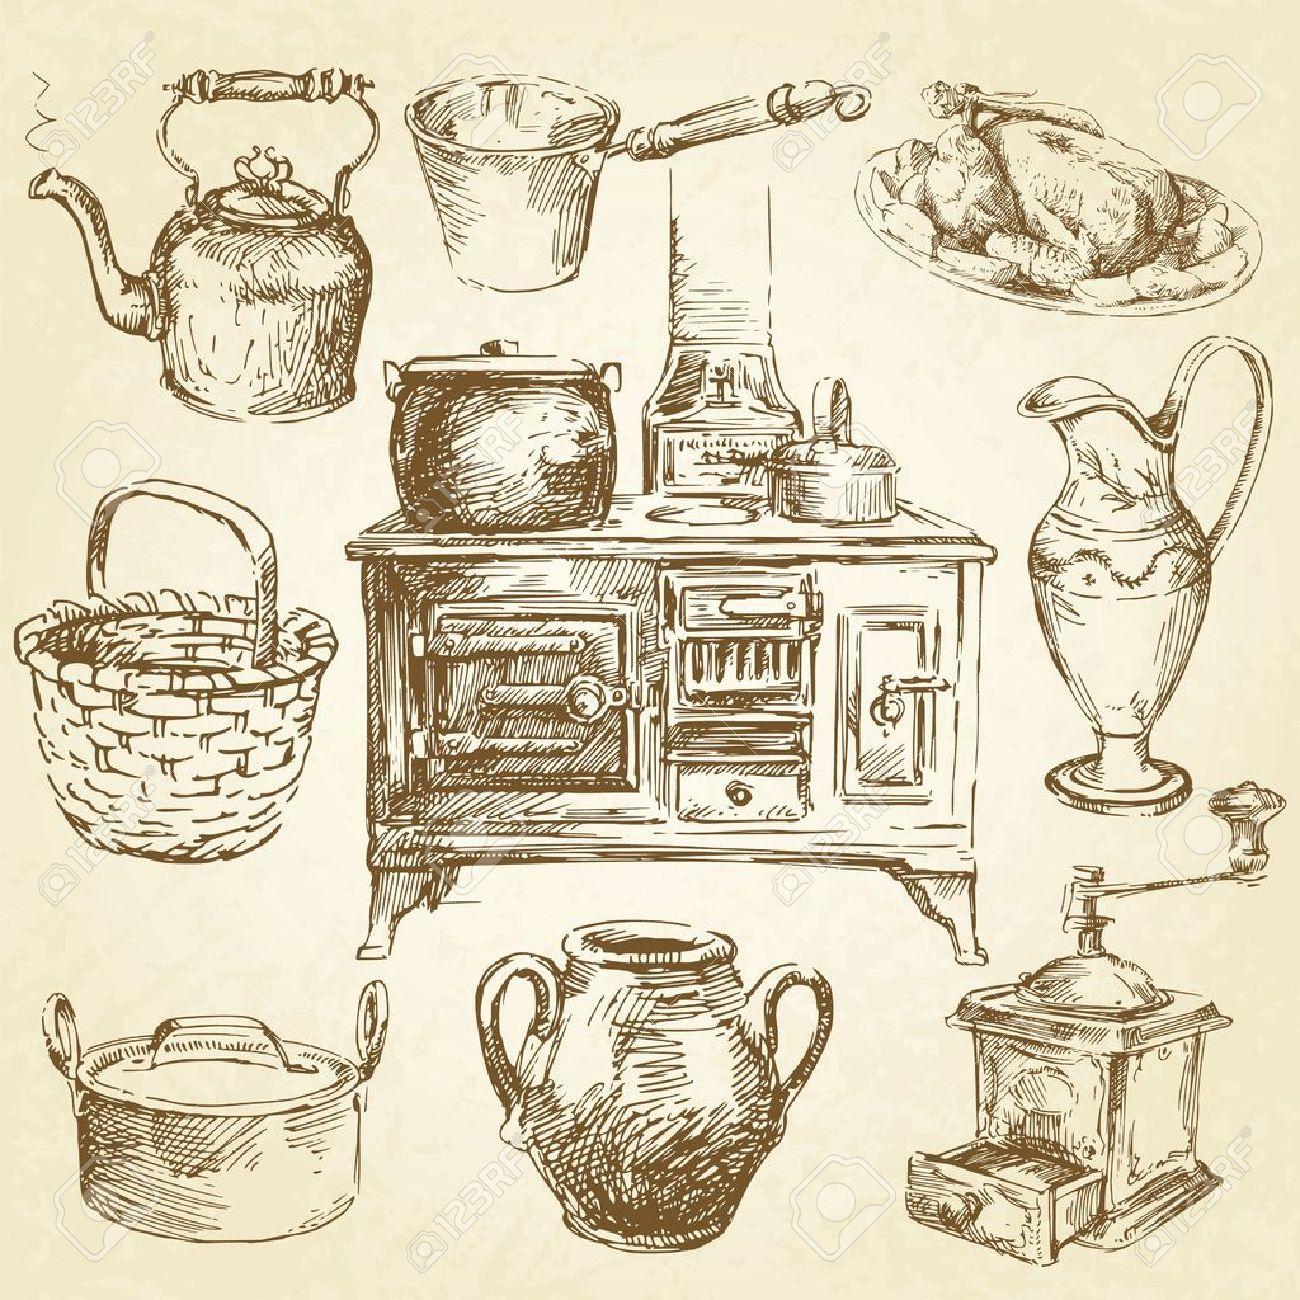 vintage kitchenware - 13360924